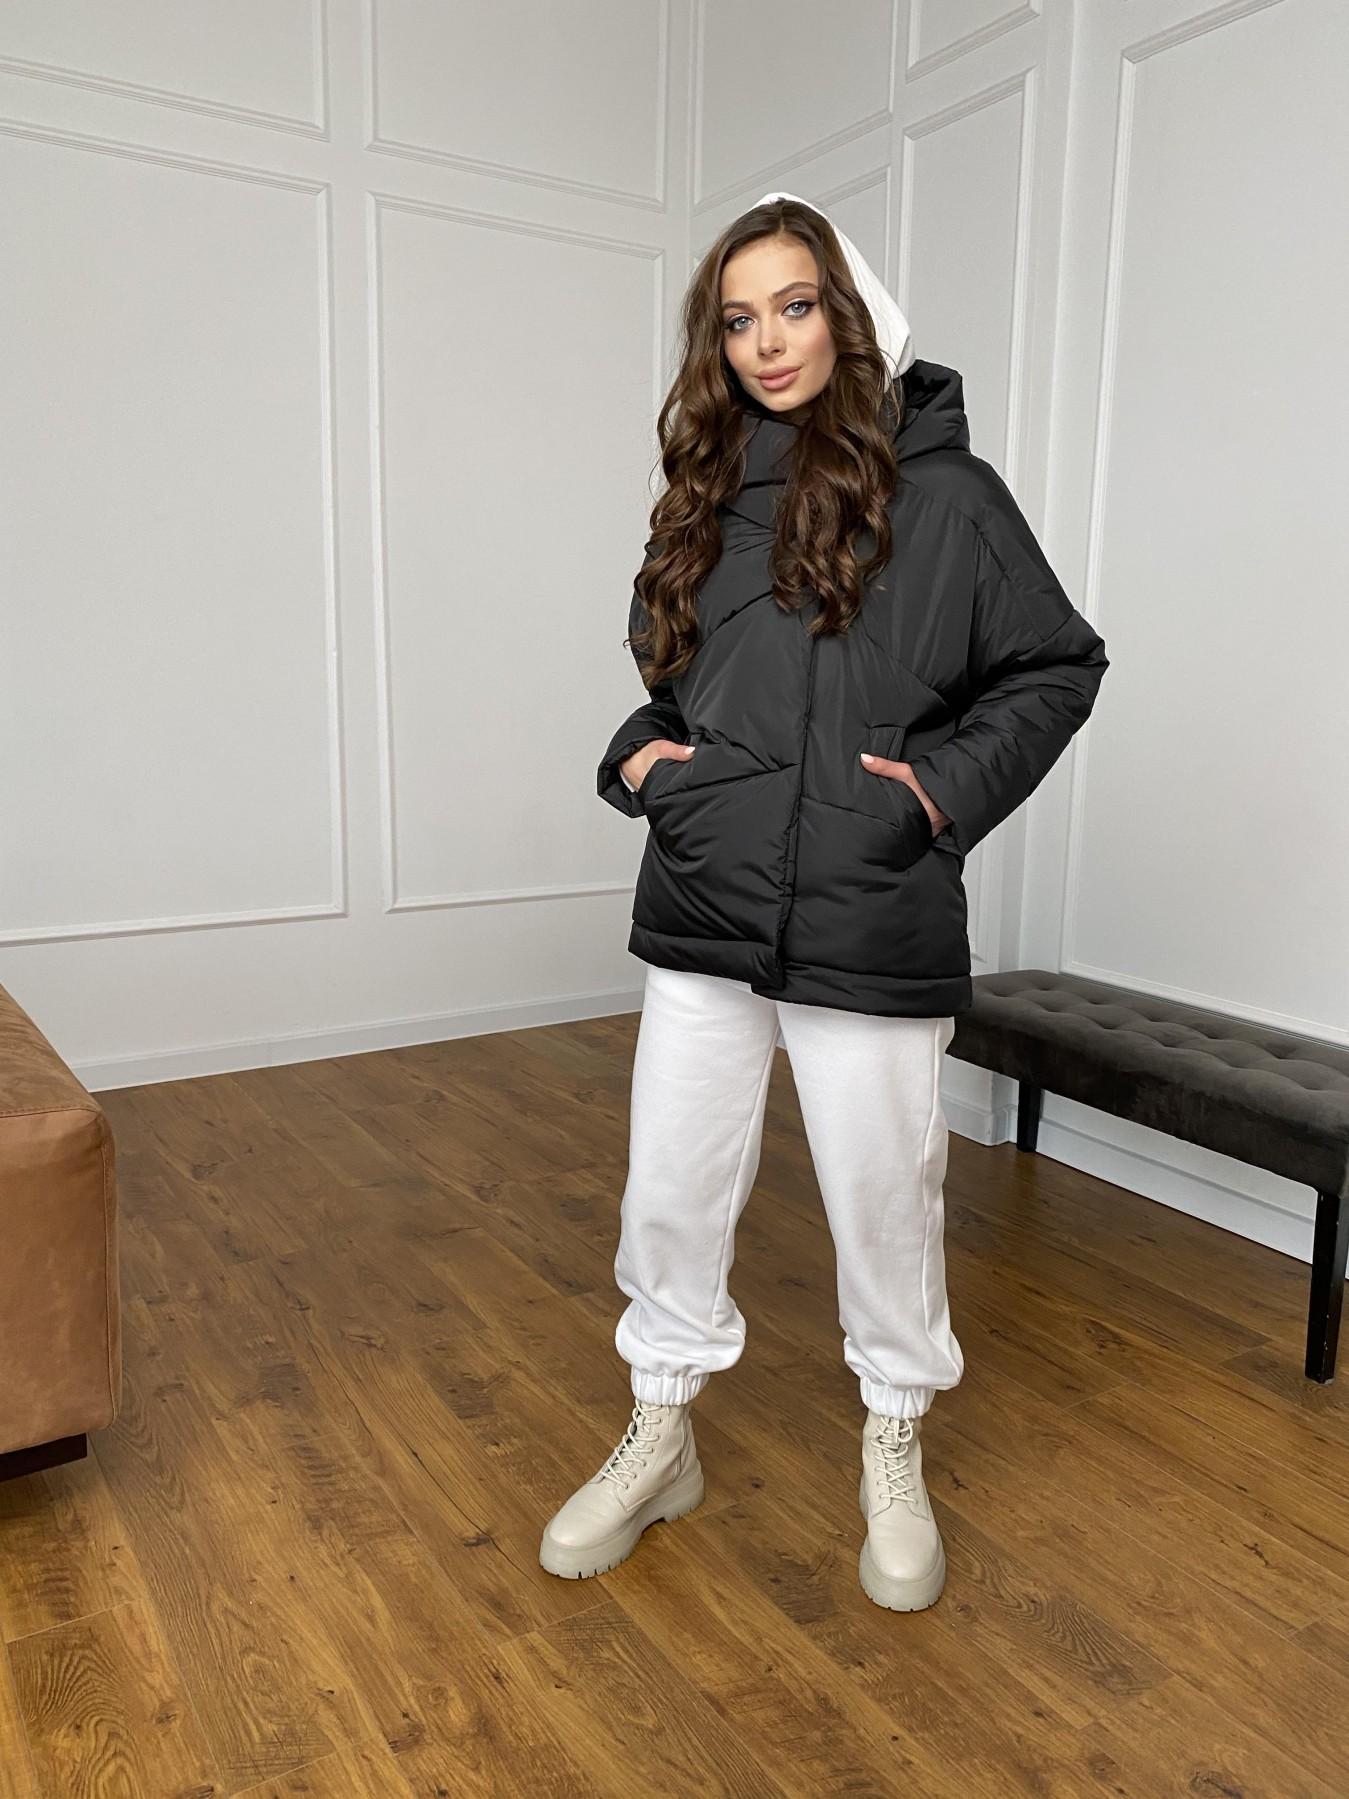 Уно куртка плащевка Ammy 10671 АРТ. 47399 Цвет: Черный - фото 4, интернет магазин tm-modus.ru